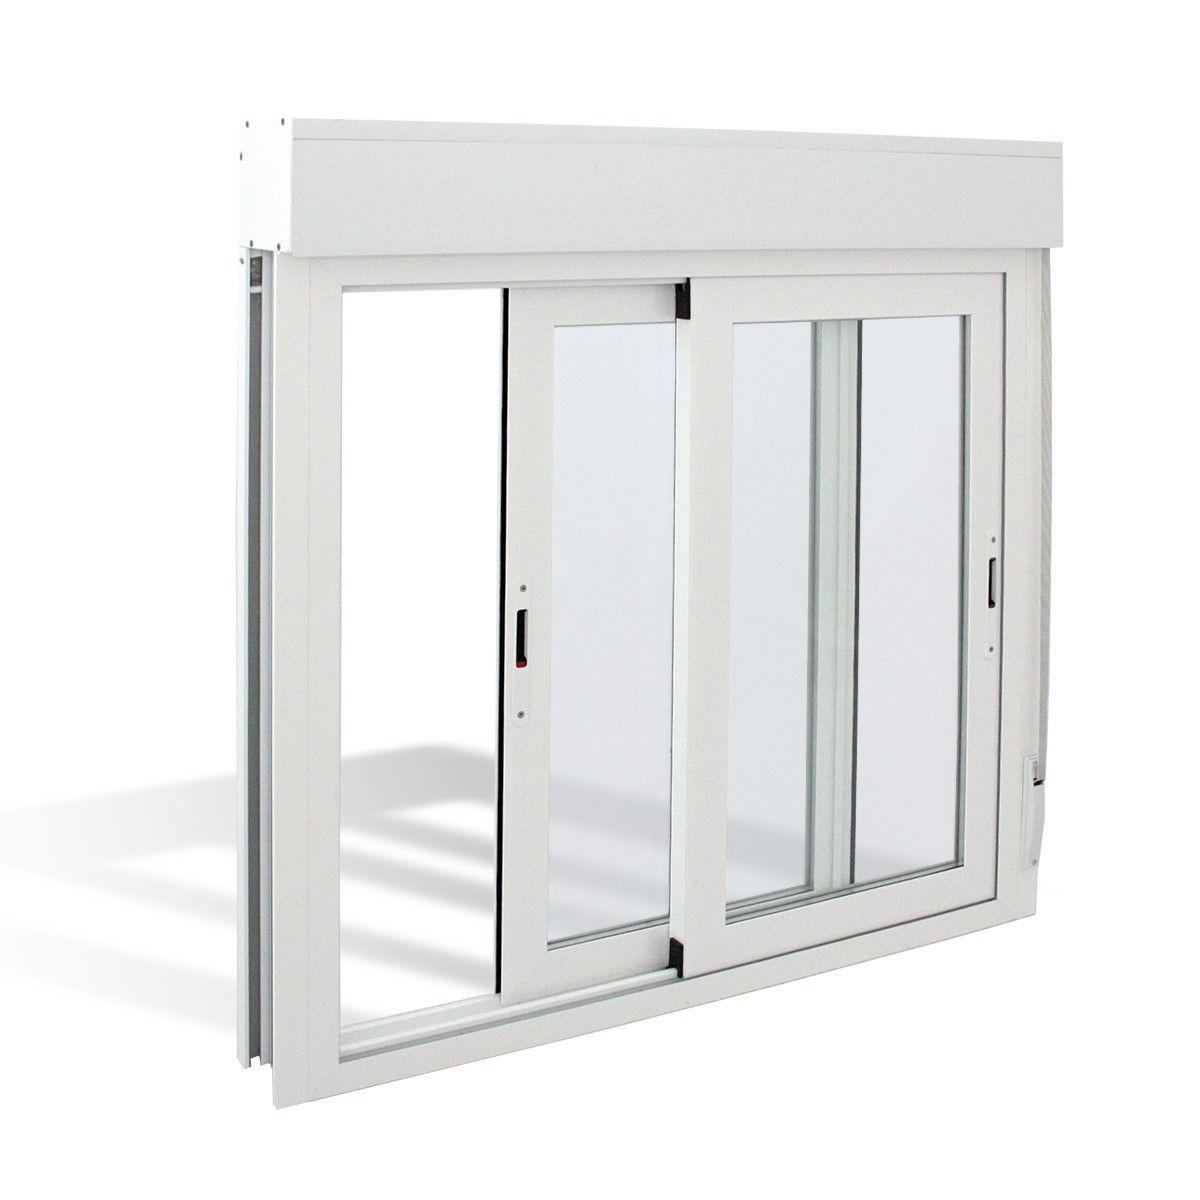 ventanas correderas de pvc y aluminio precios sin On precio ventana aluminio corredera